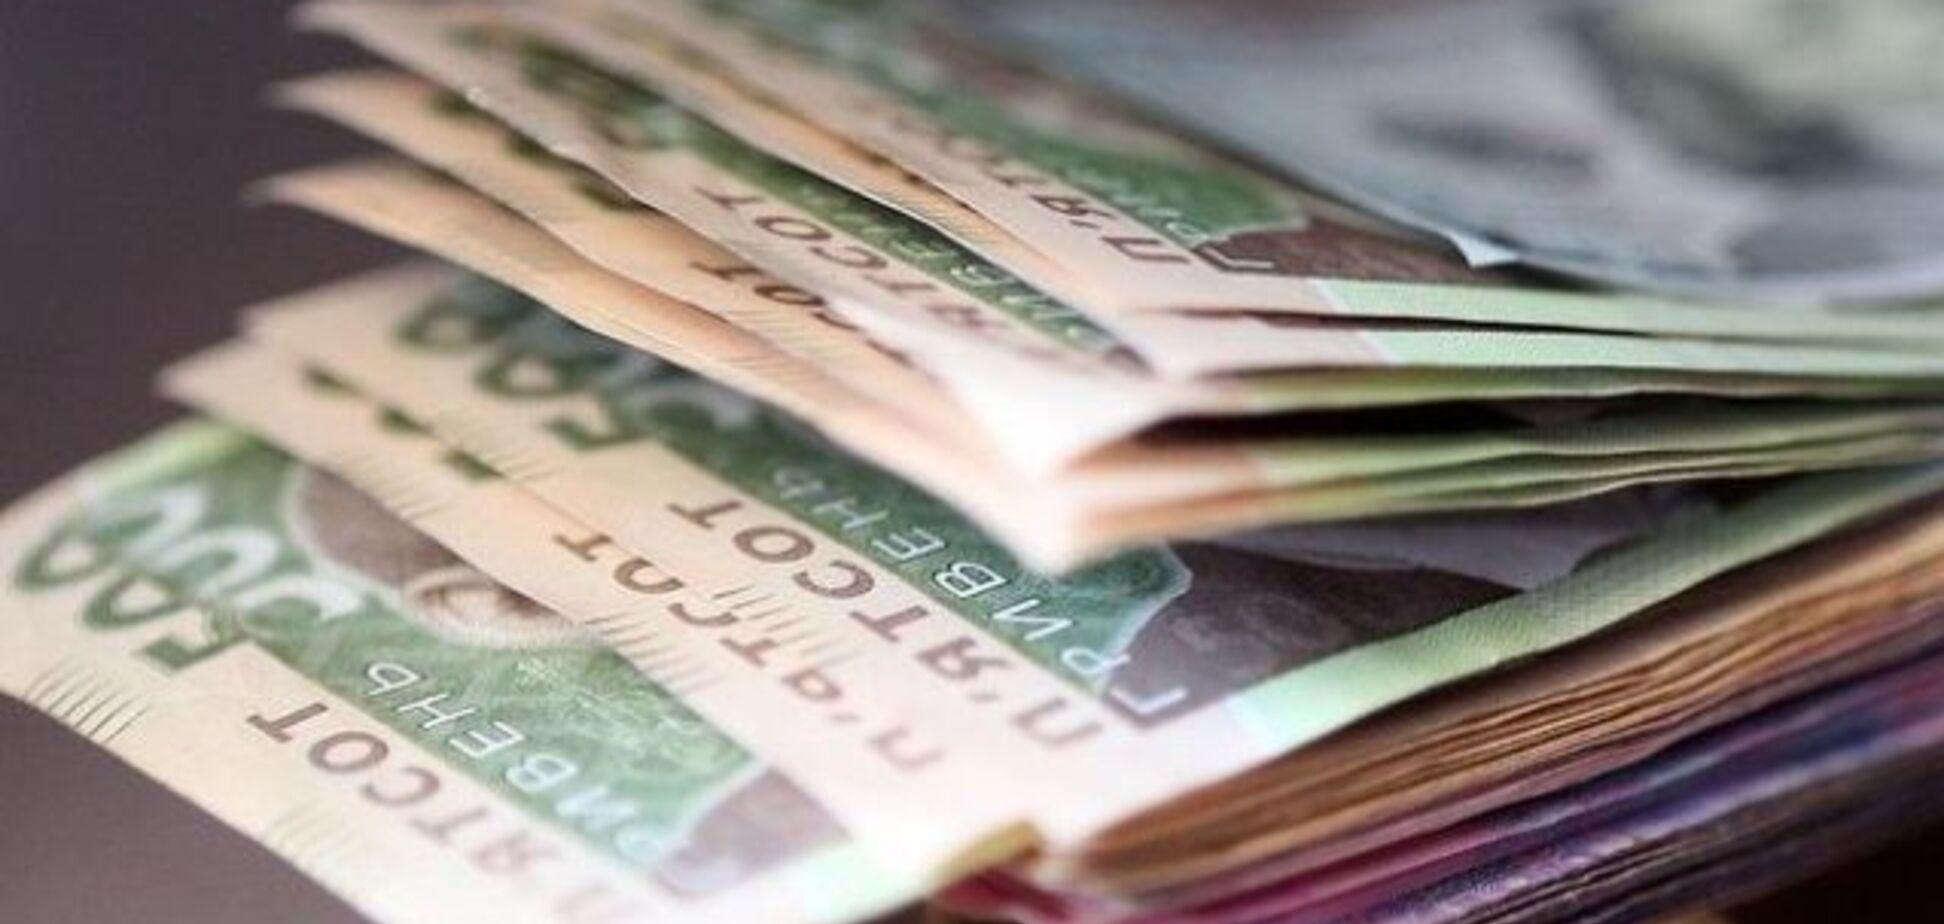 ''Не можете бути багатими'': названо головну причину низьких зарплат в Україні